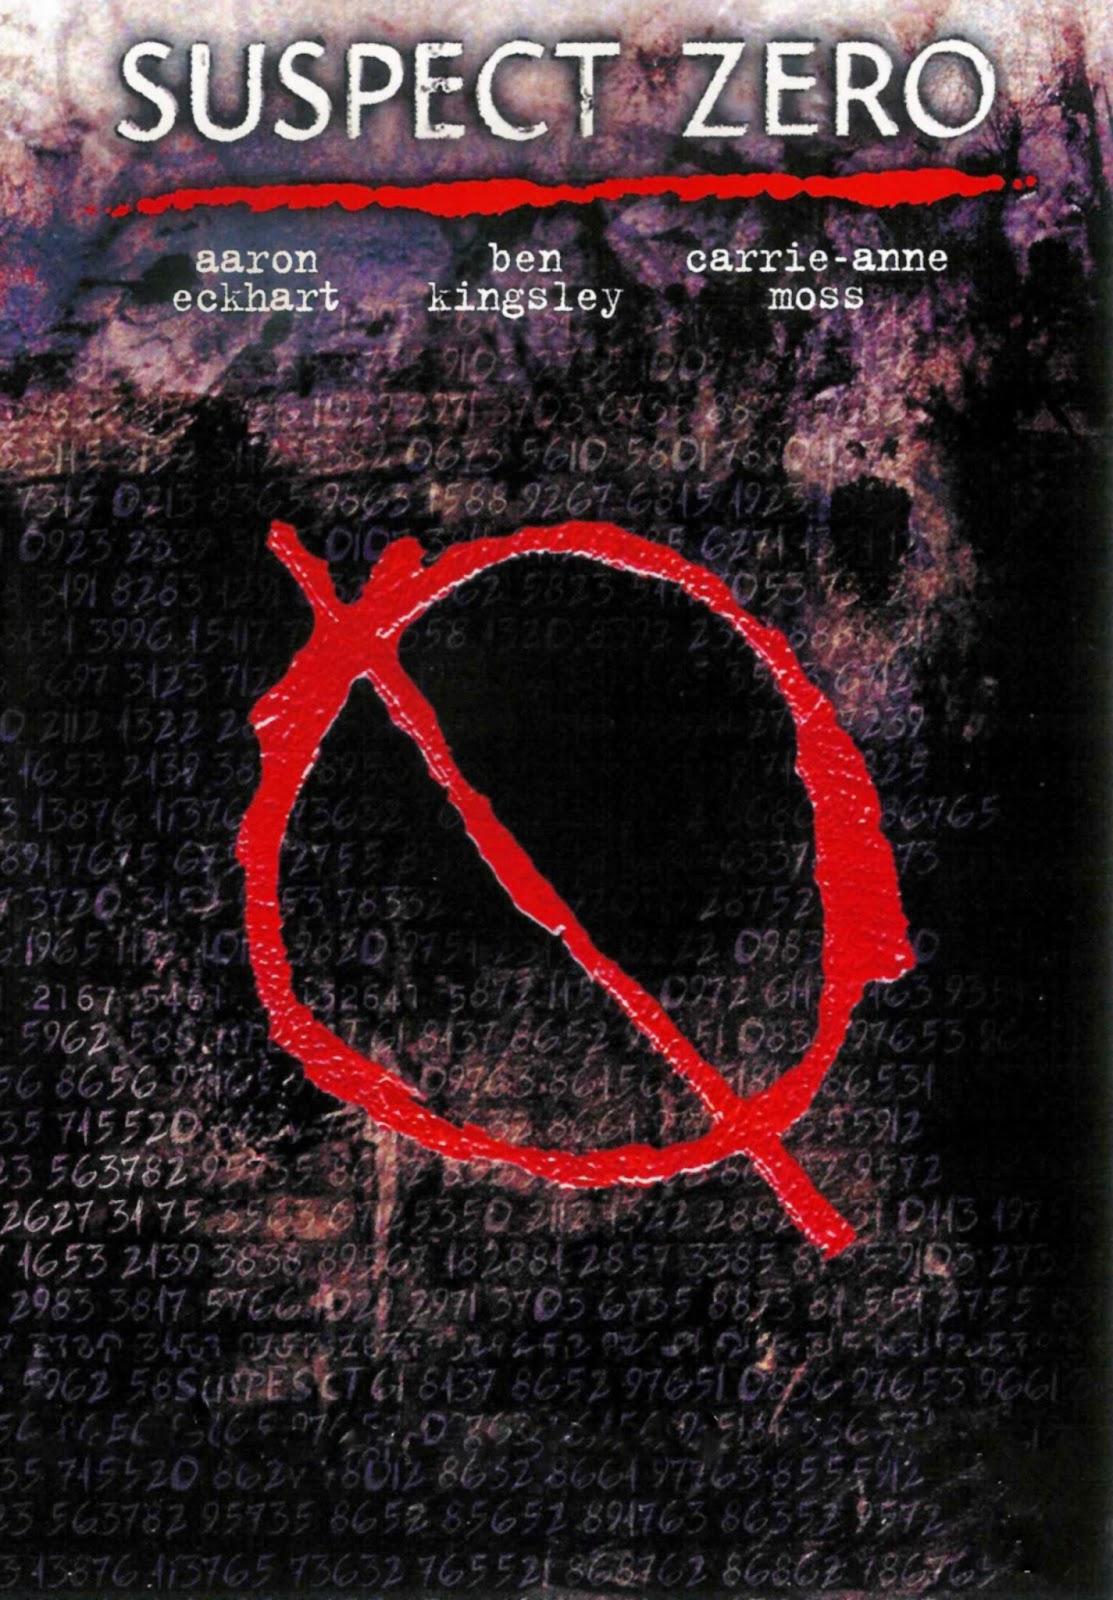 Suspect Zero (2004) Poster #2